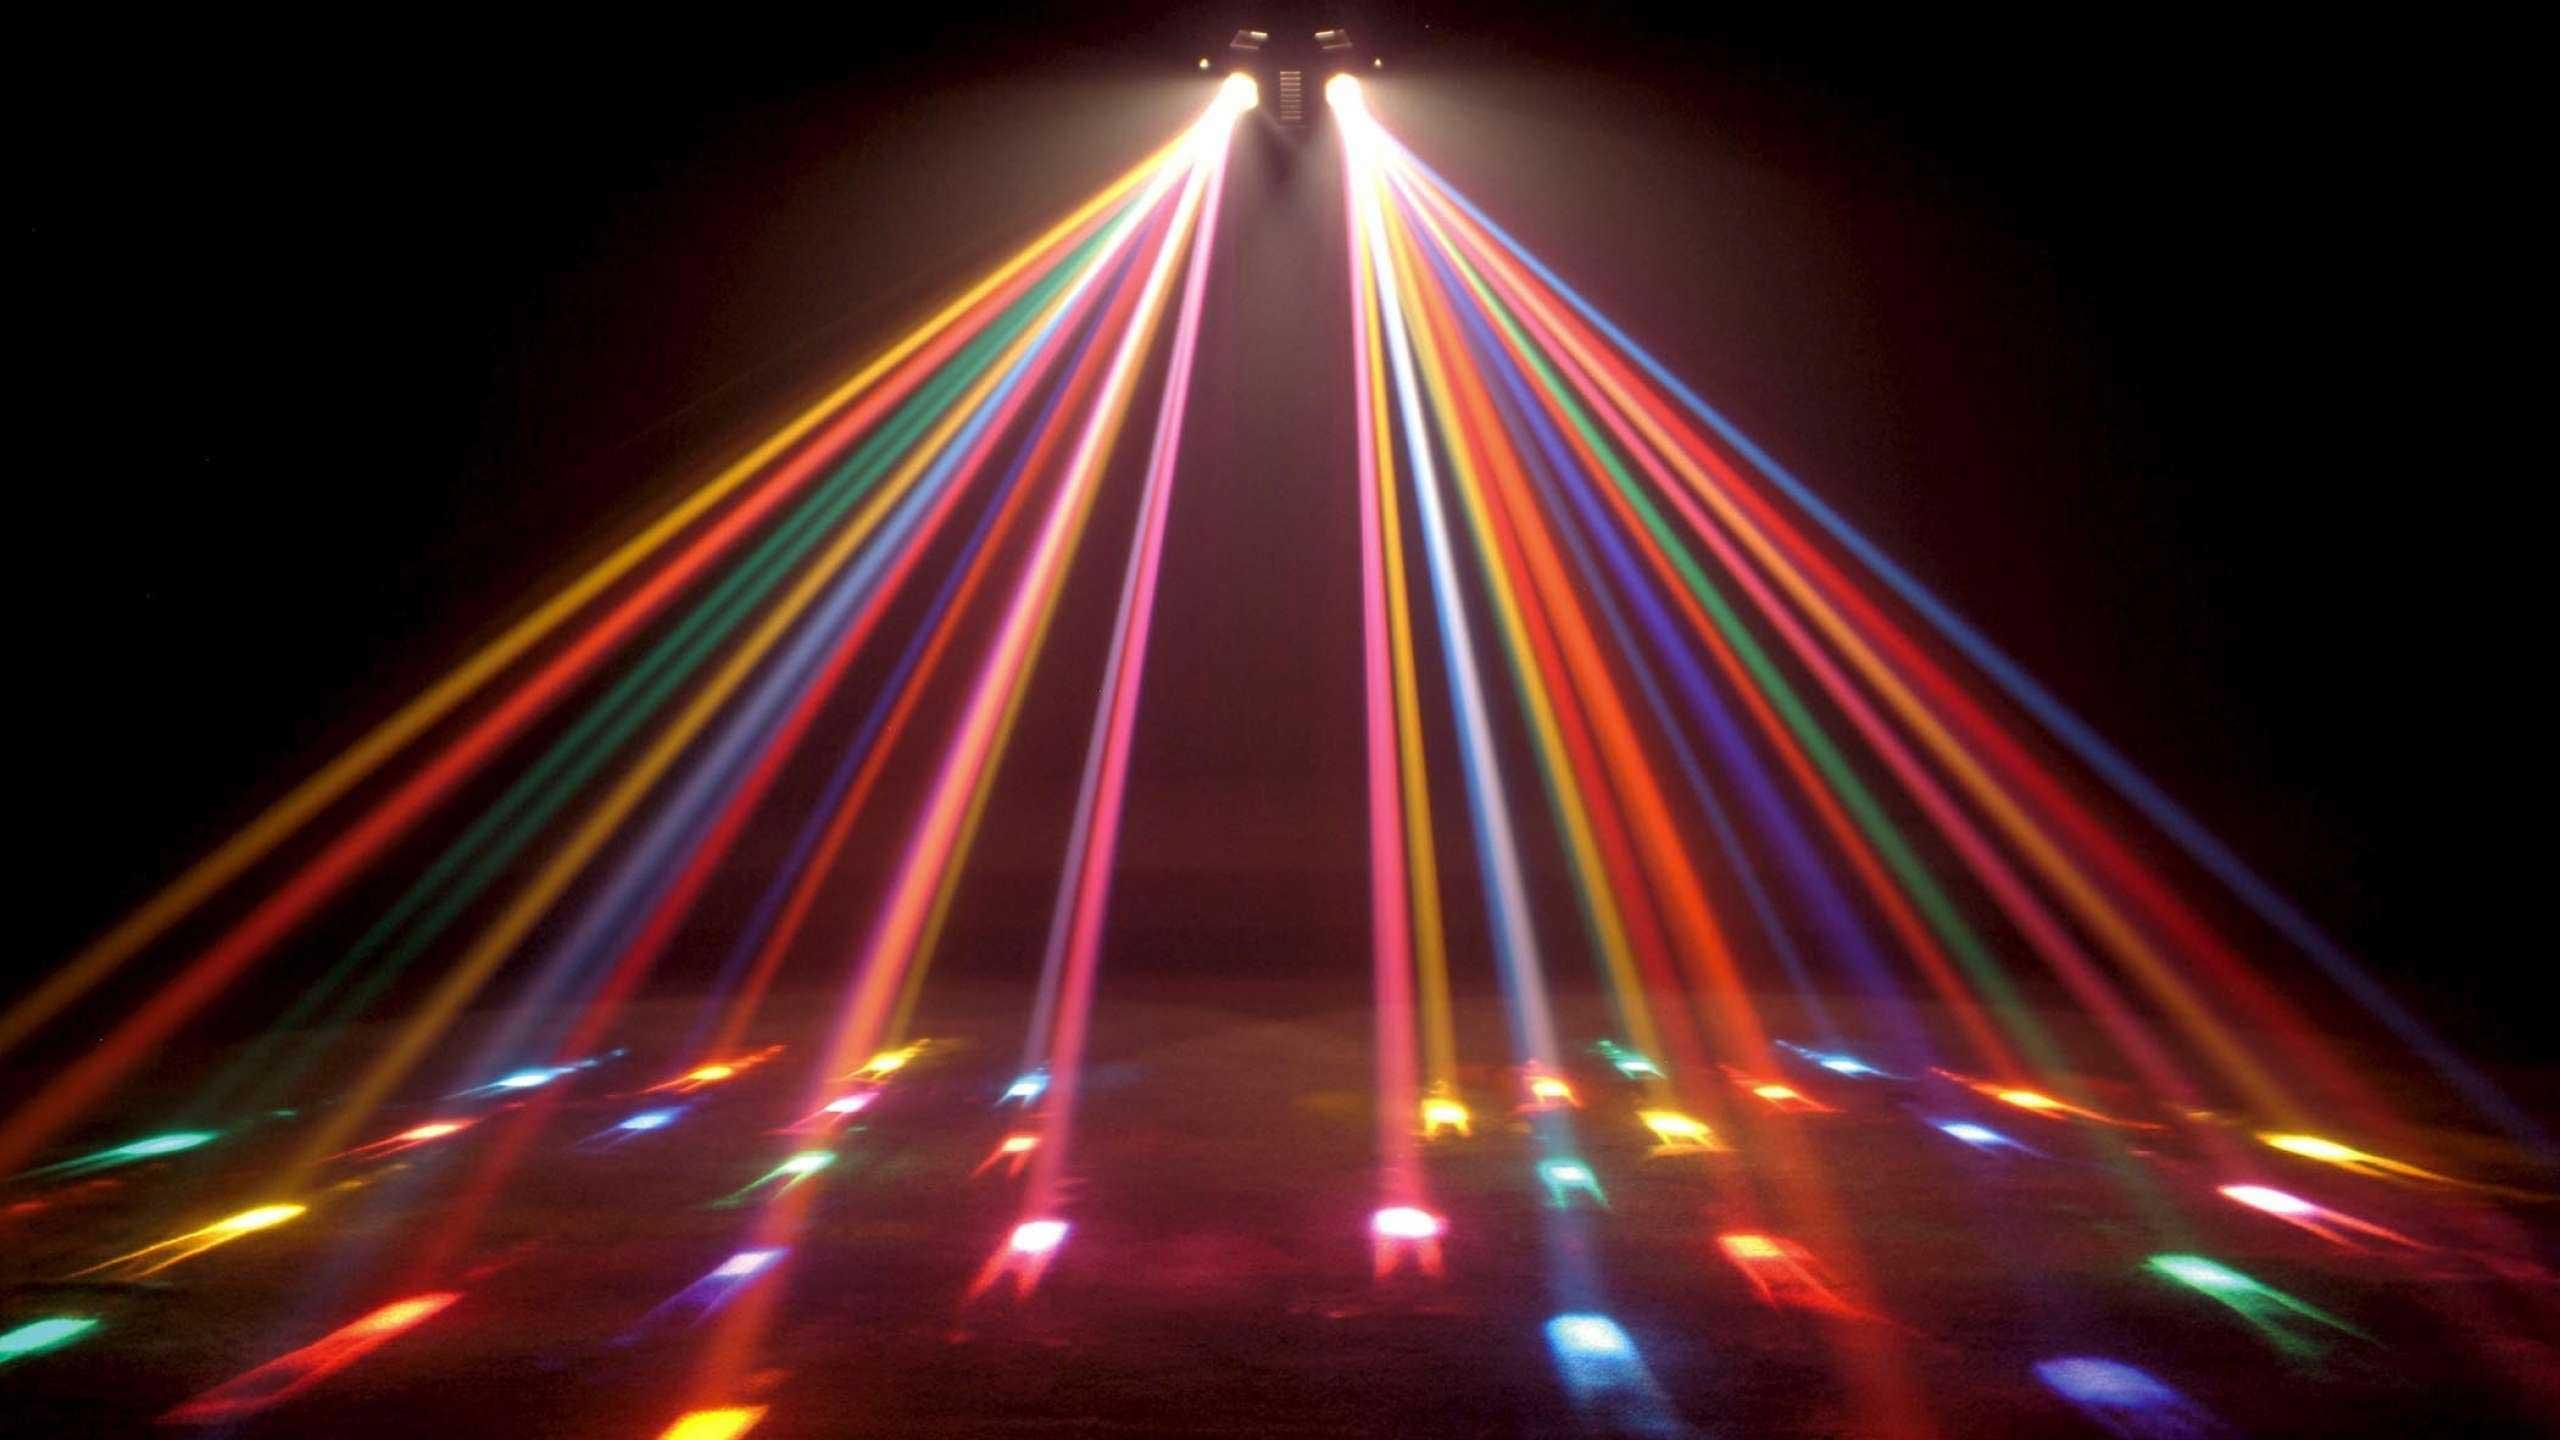 Disco Lights Hd Wallpaper Cave